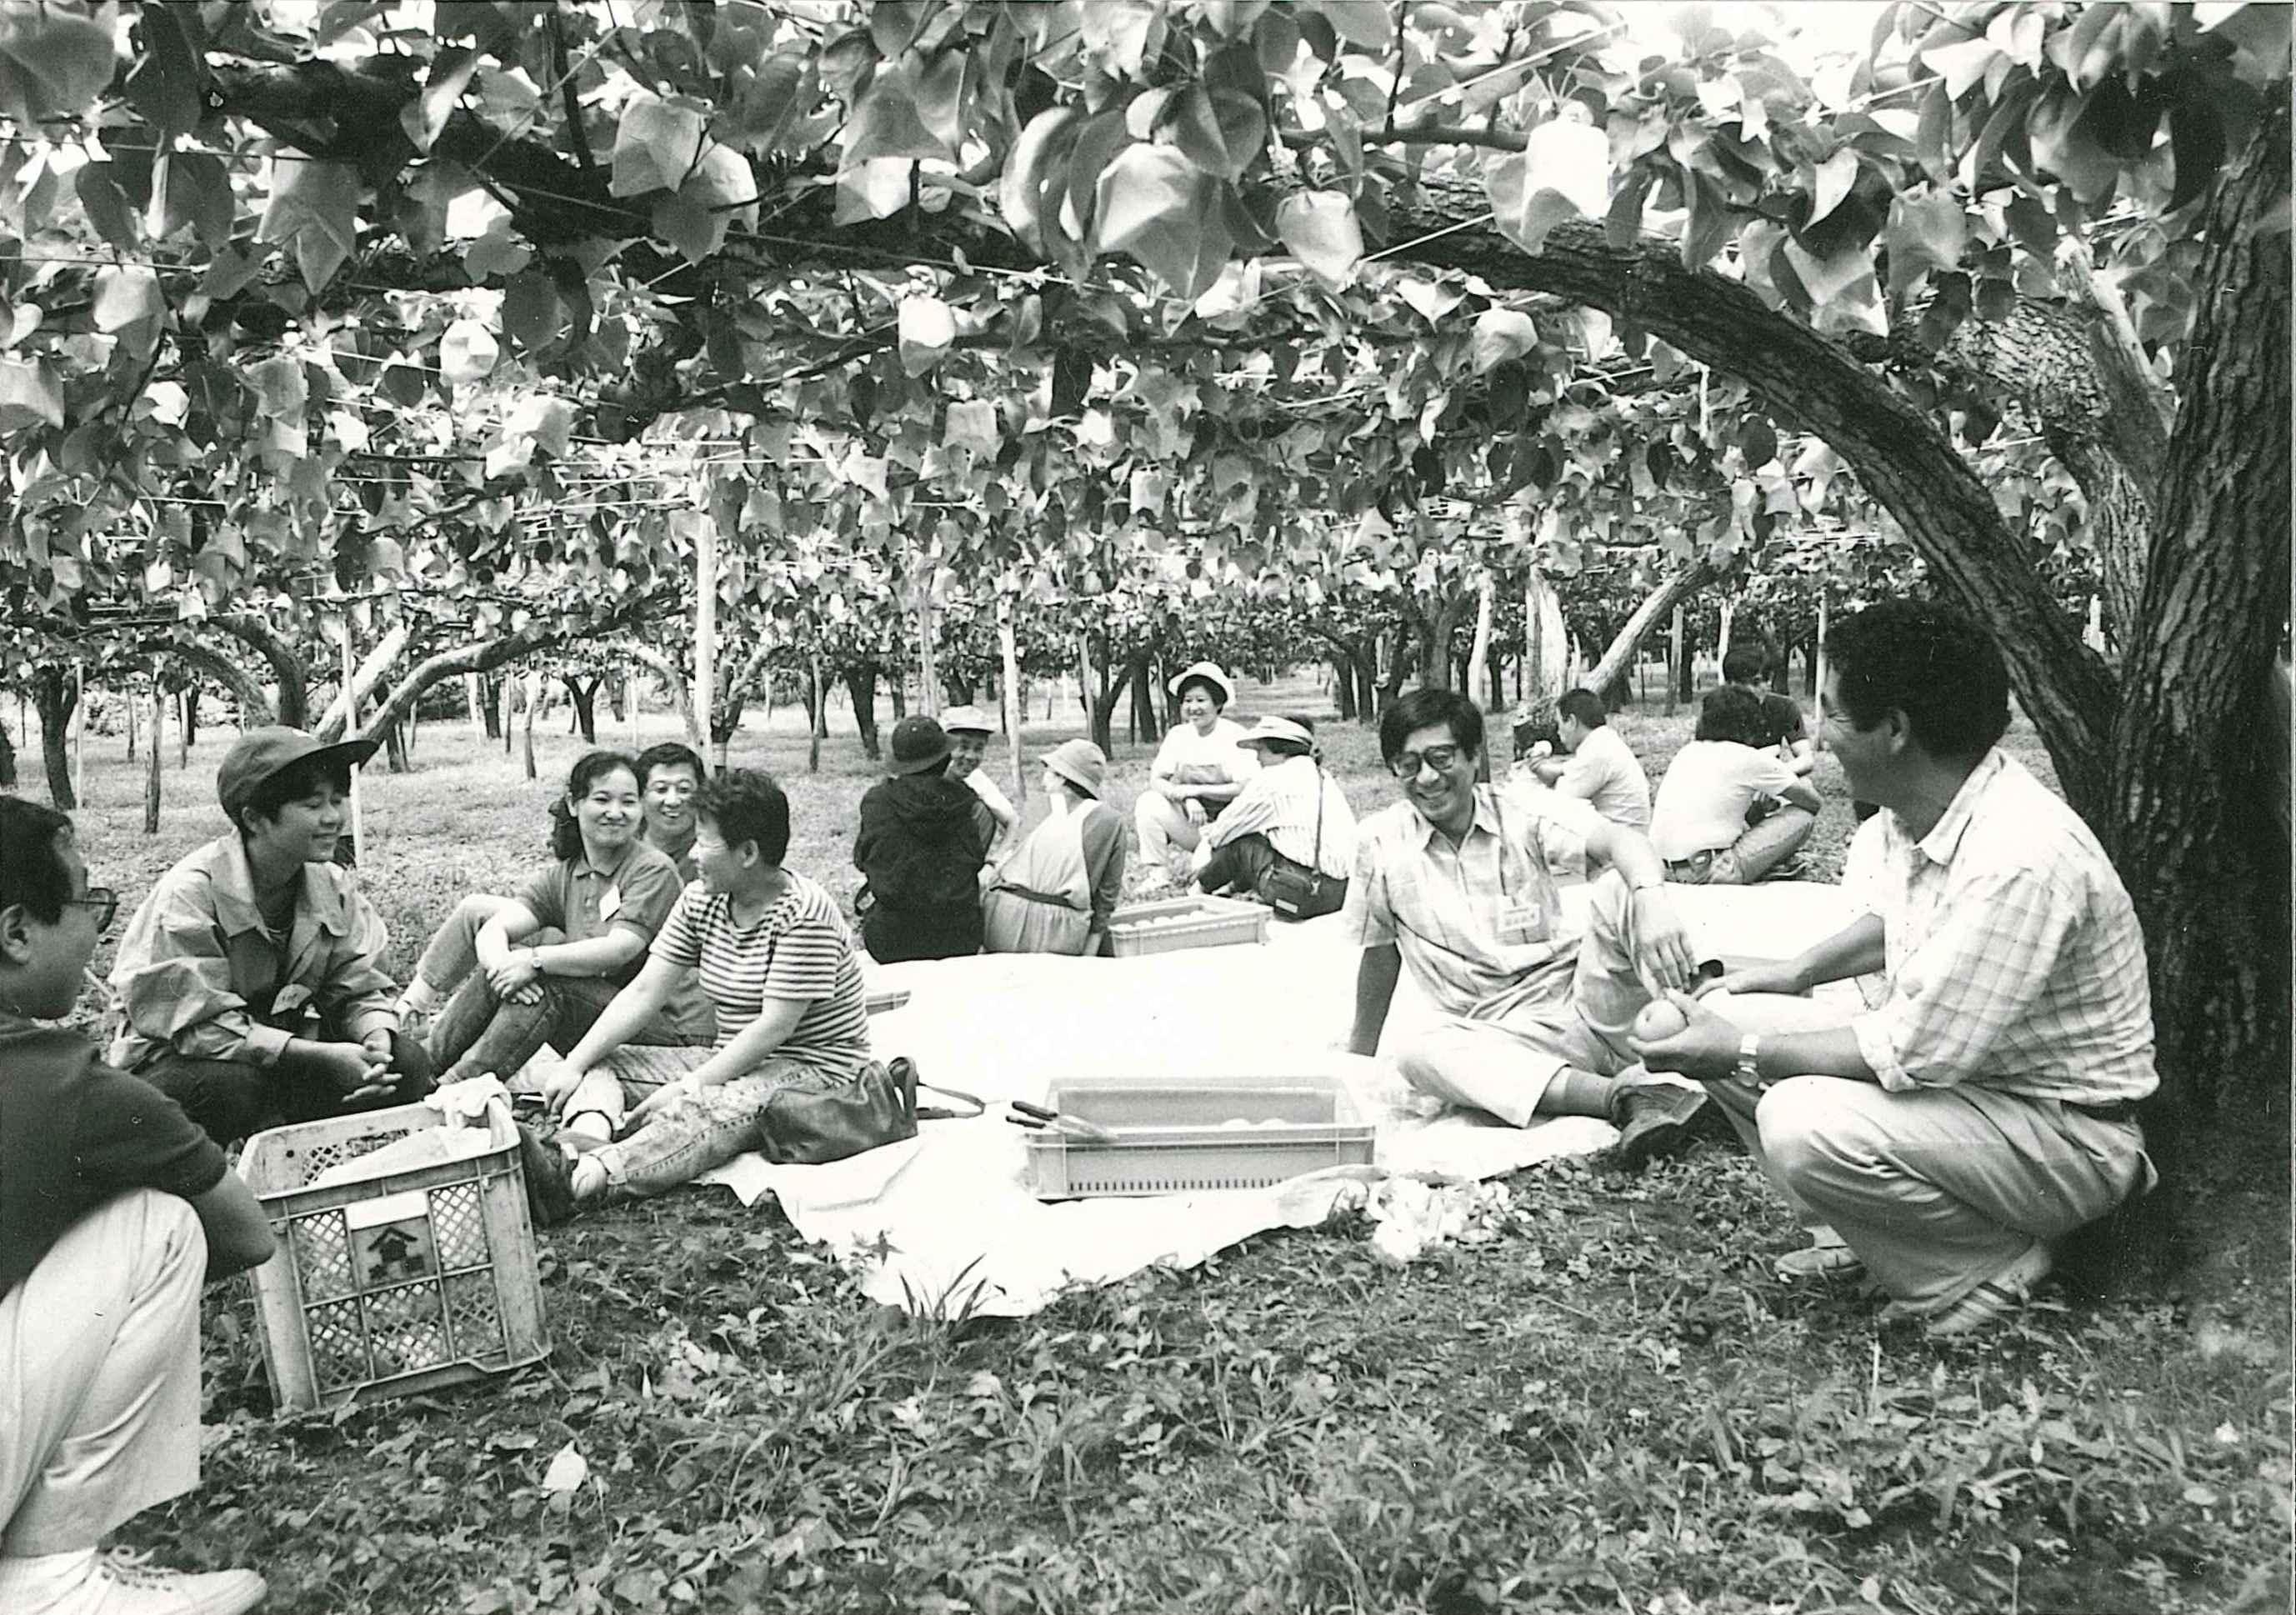 果樹の下で談笑する人々